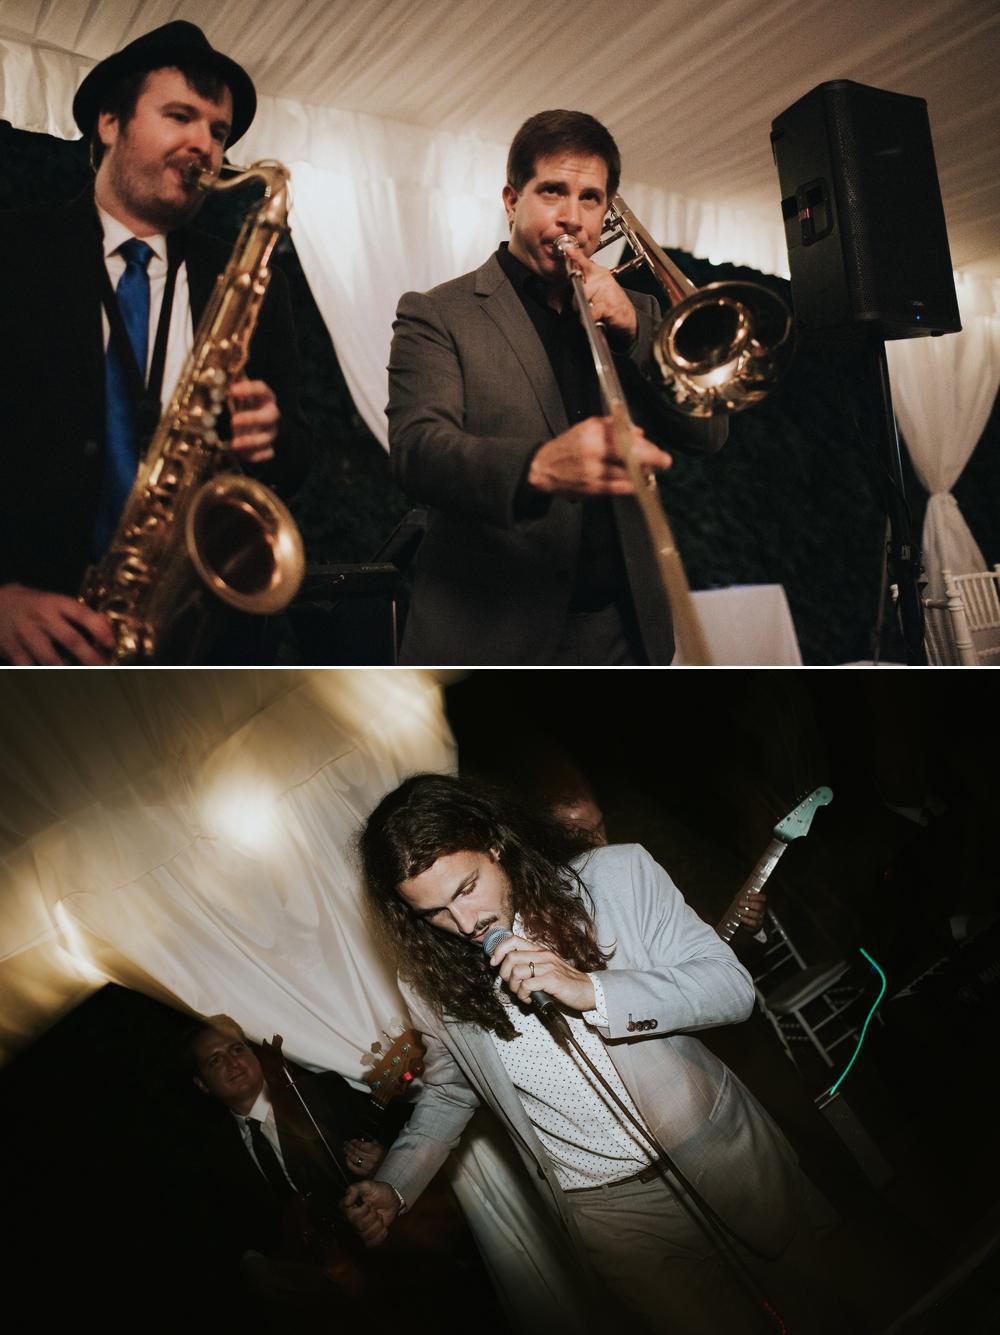 wedding-band